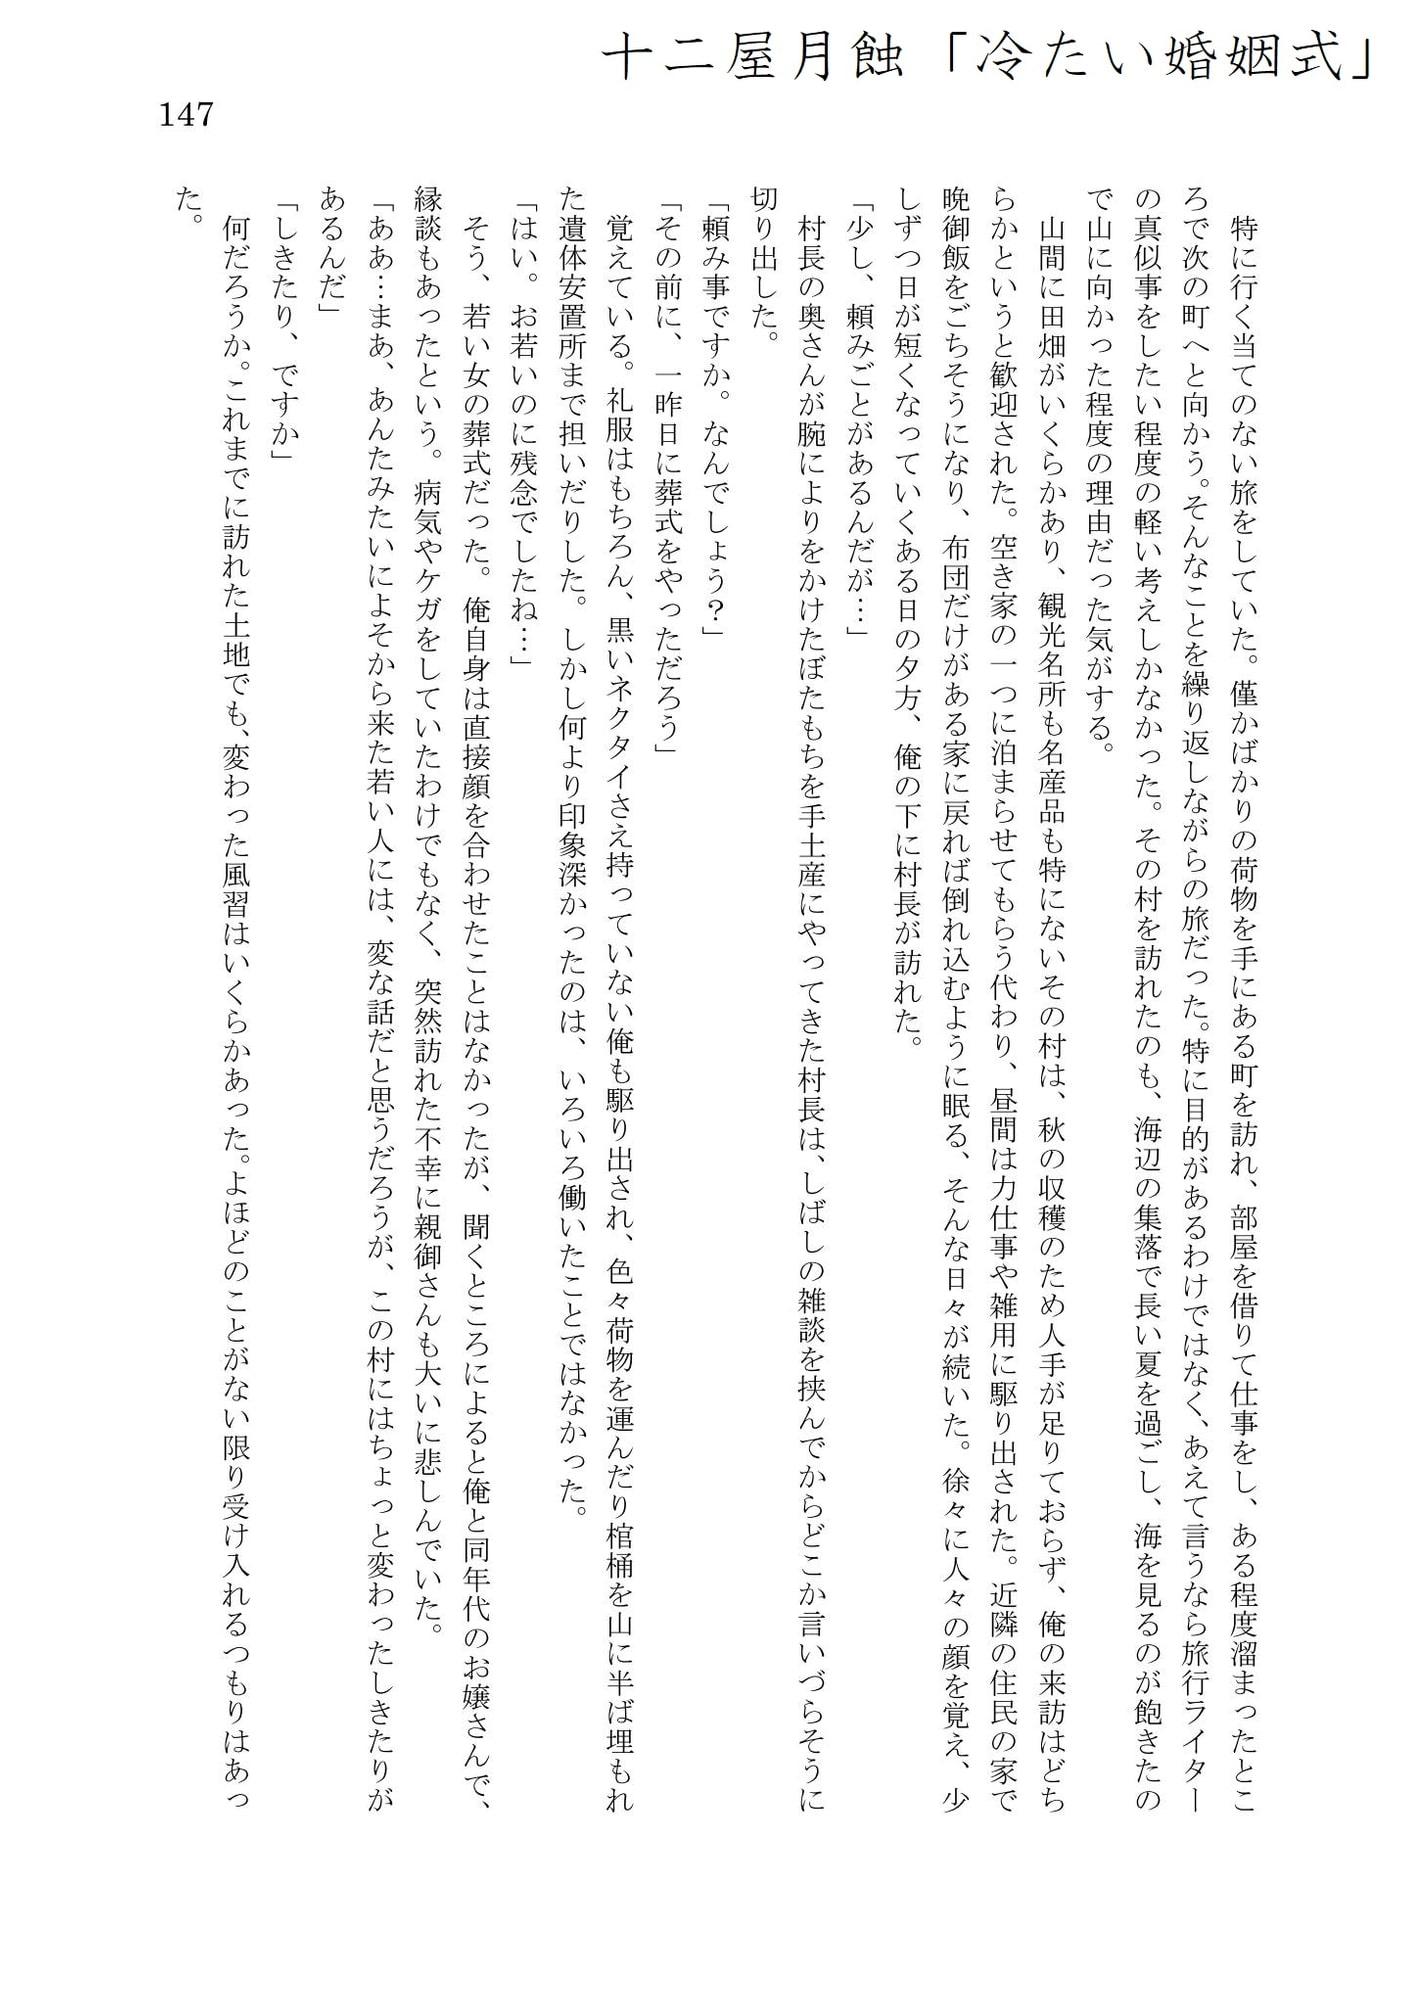 人外コレクション第16号「異類婚姻譚」